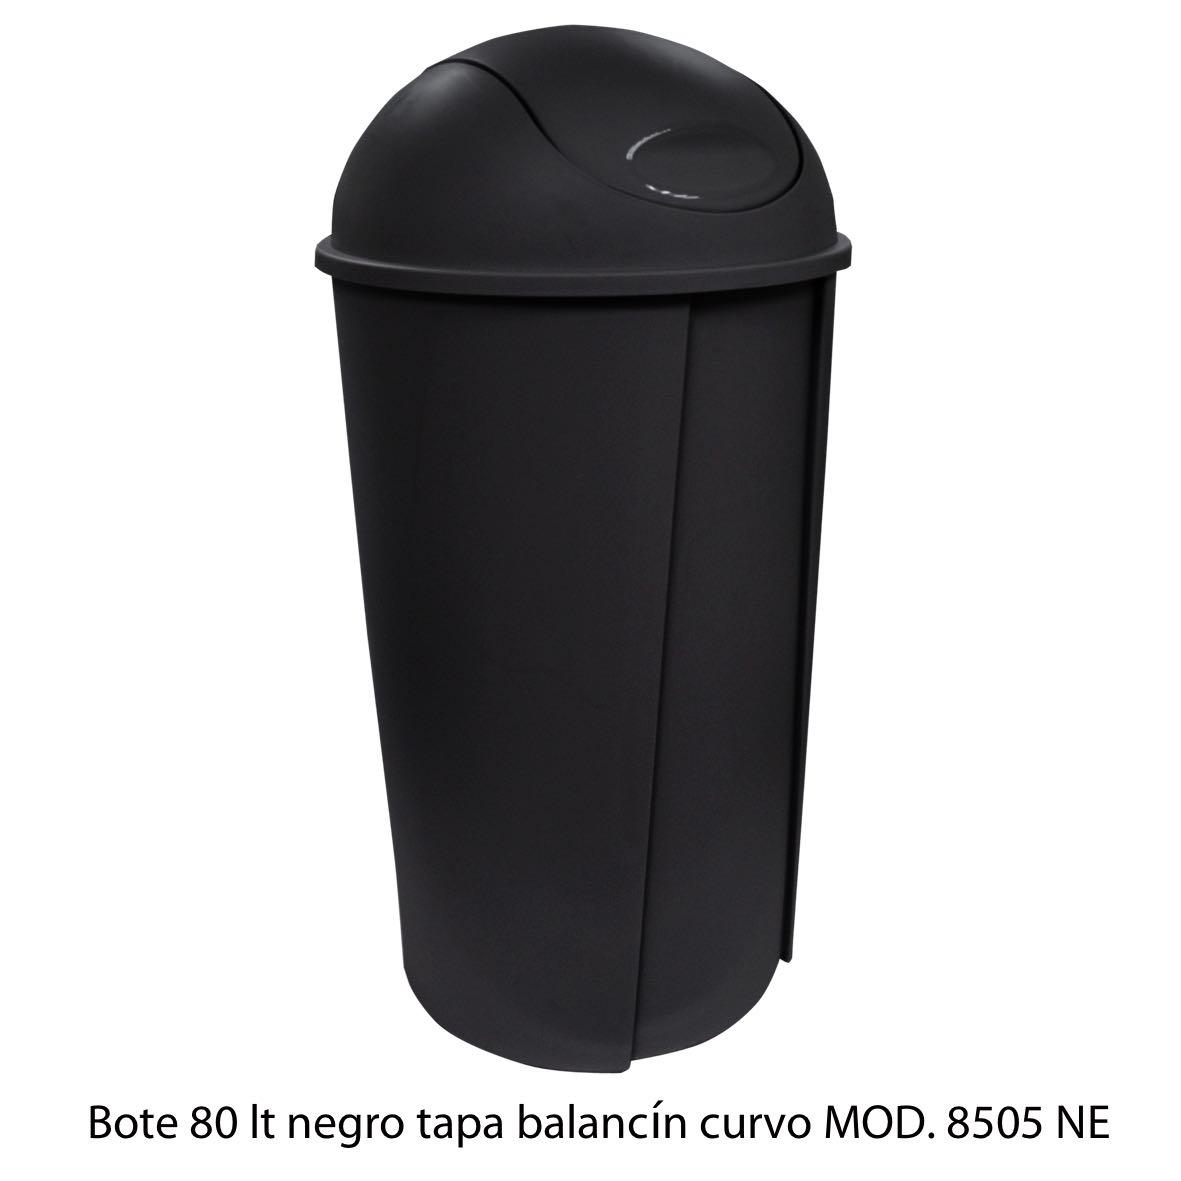 Bote de bausra de 80 litros con tapa balancín curvo color negro modelo 8505 NE Sablón